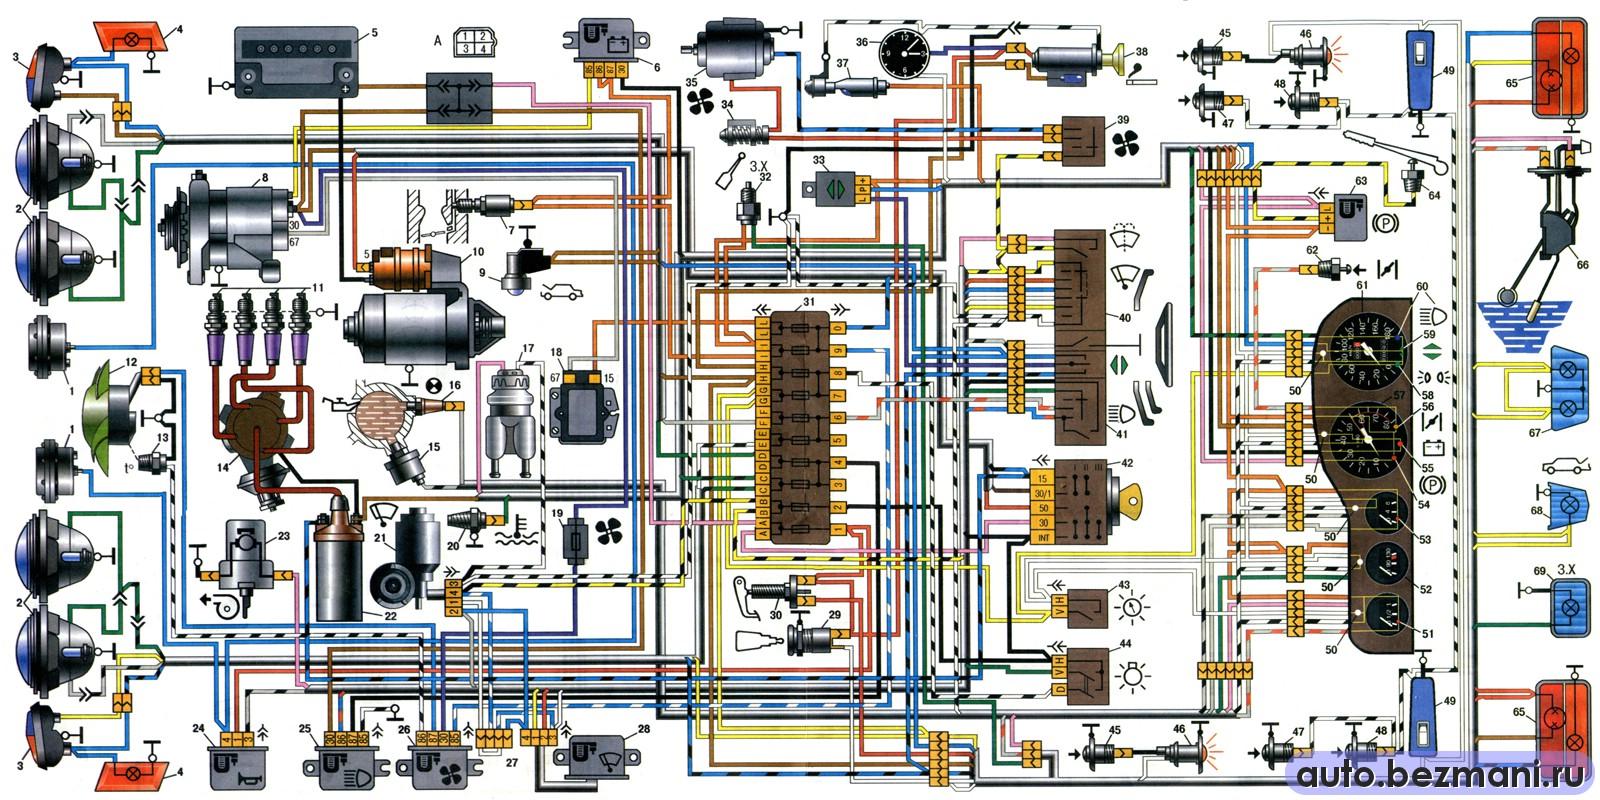 Схемы предохранителей.  Опель омега а схема электрическая.